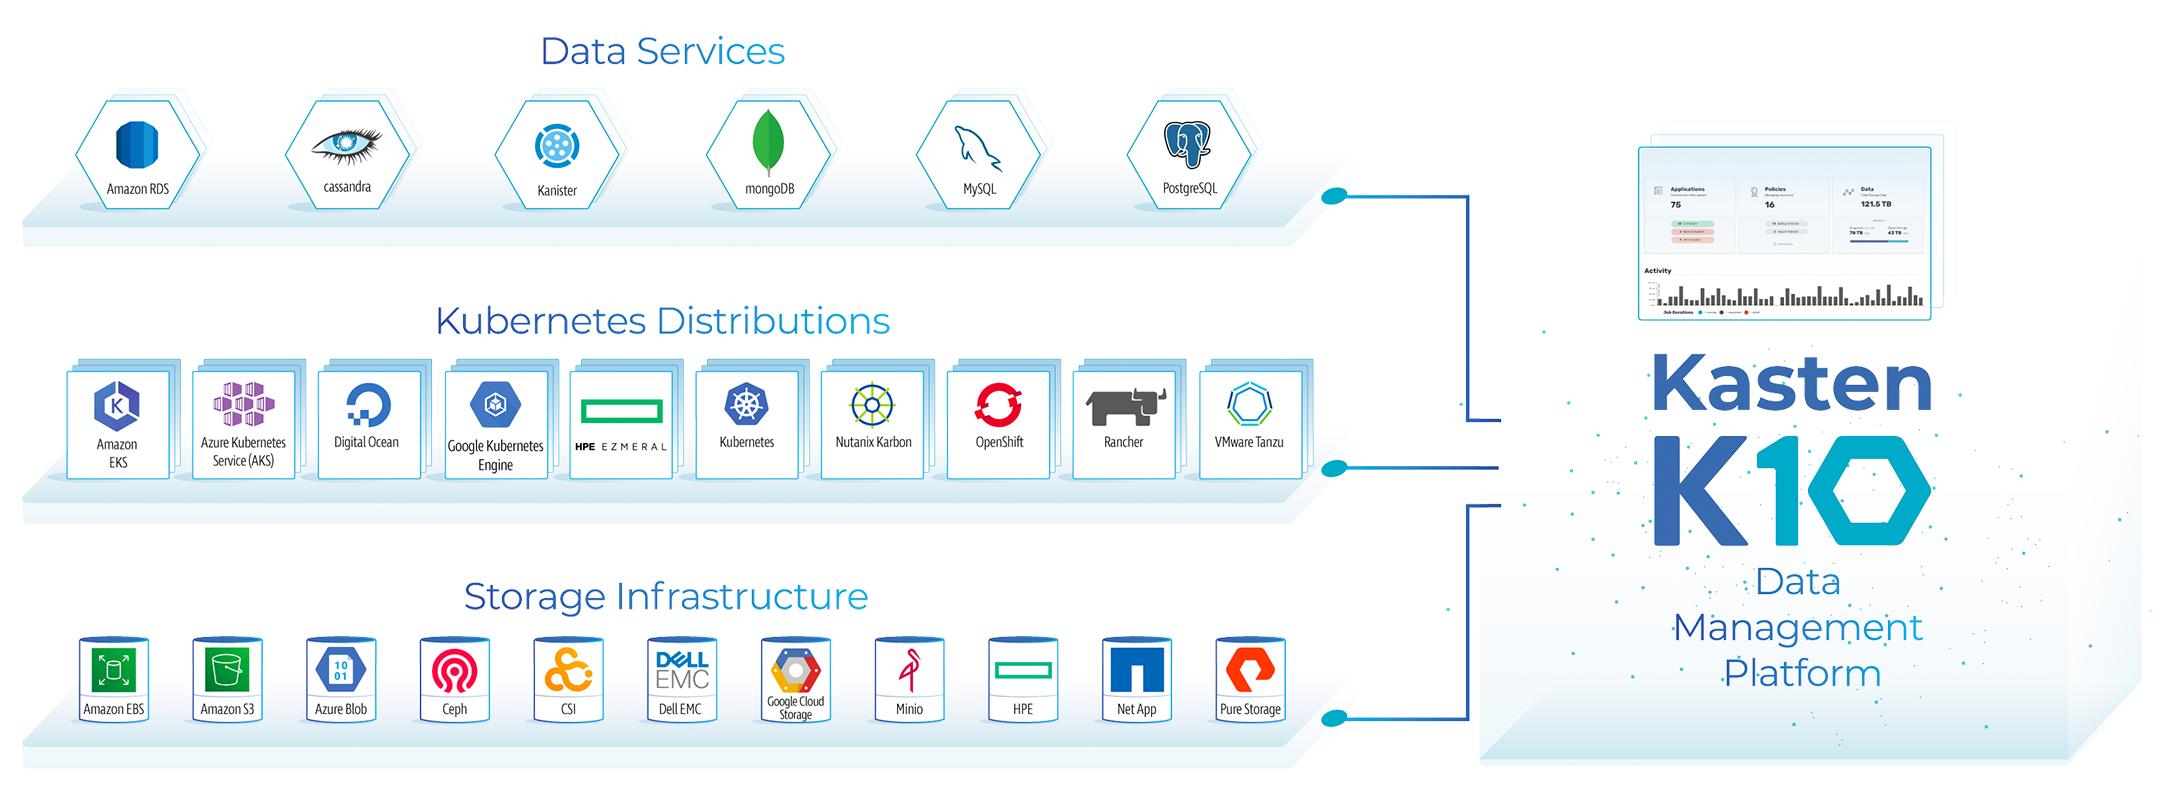 Data-Management-Platform-Kasten